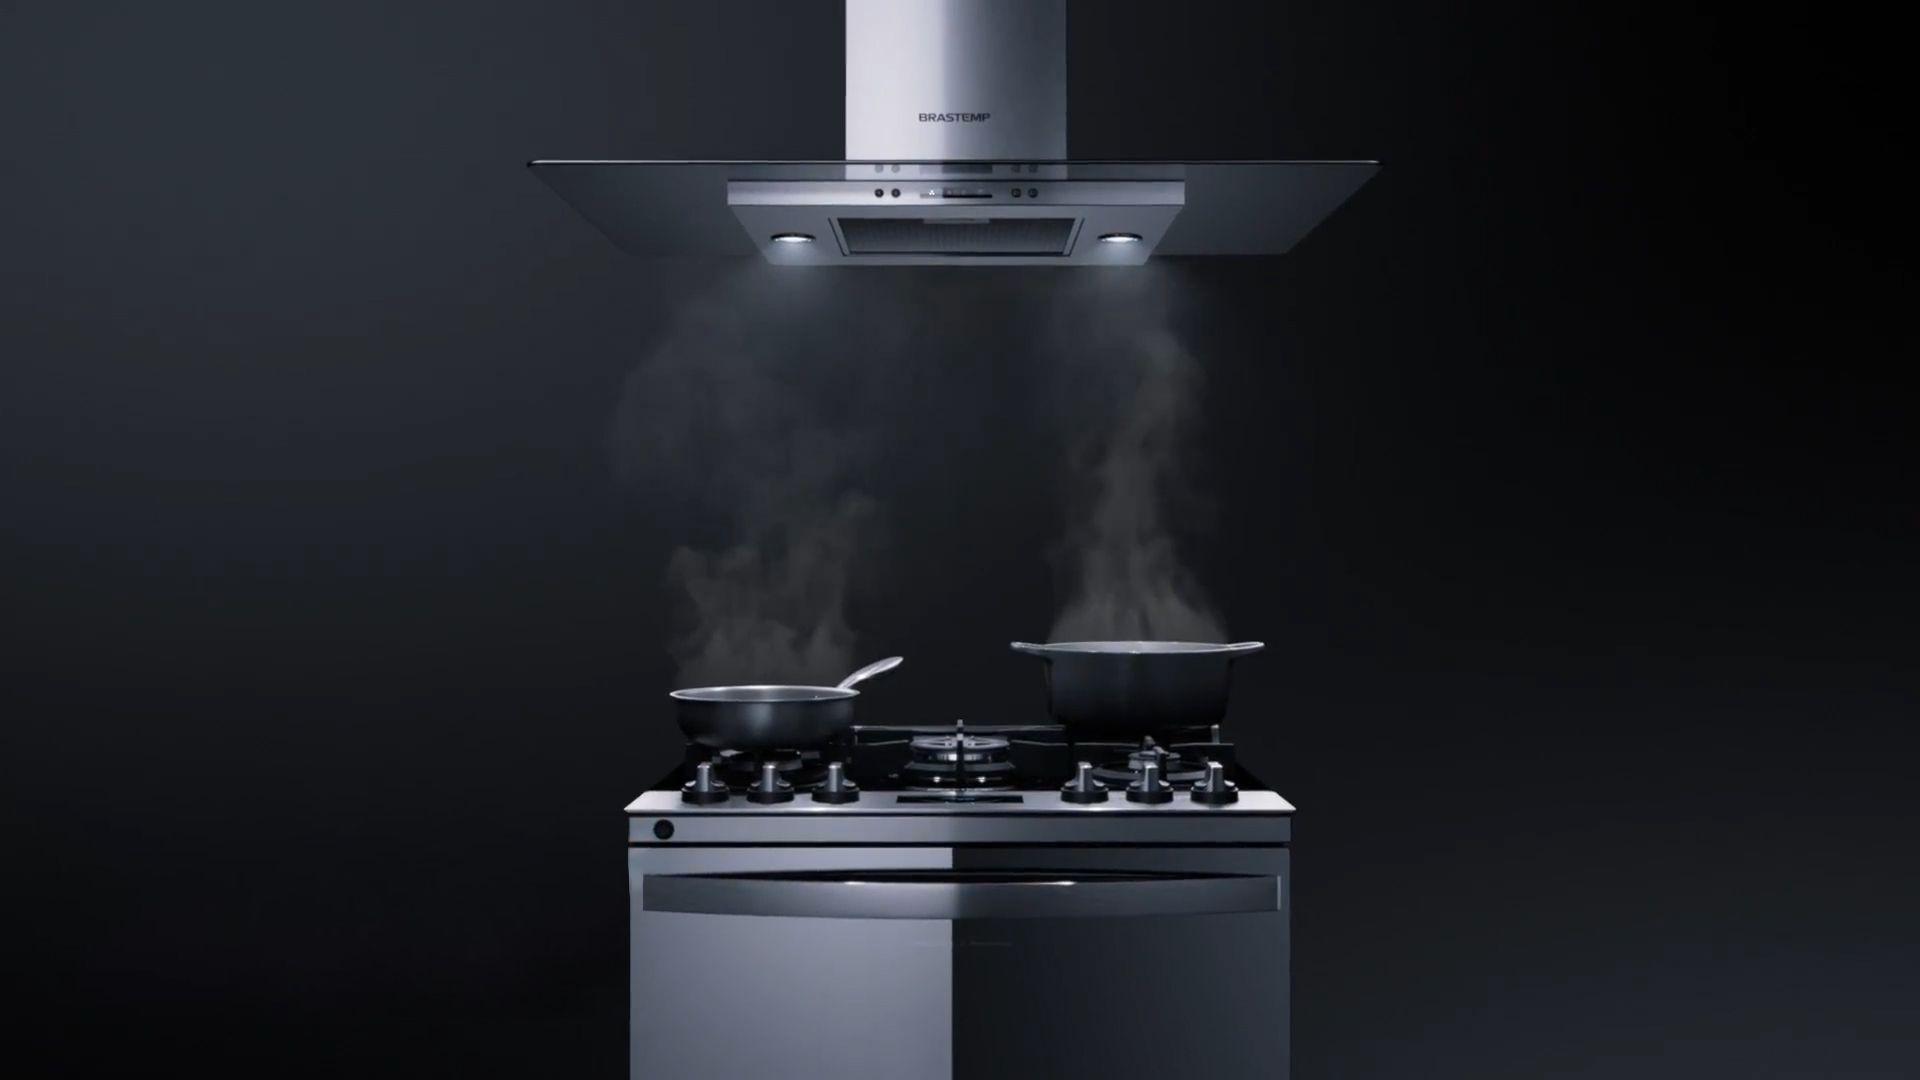 A coifa Brastemp BAV10AR possui luzes de LED que auxiliam na iluminação do fogão durante o preparo. (Imagem: Divulgação/Brastemp)